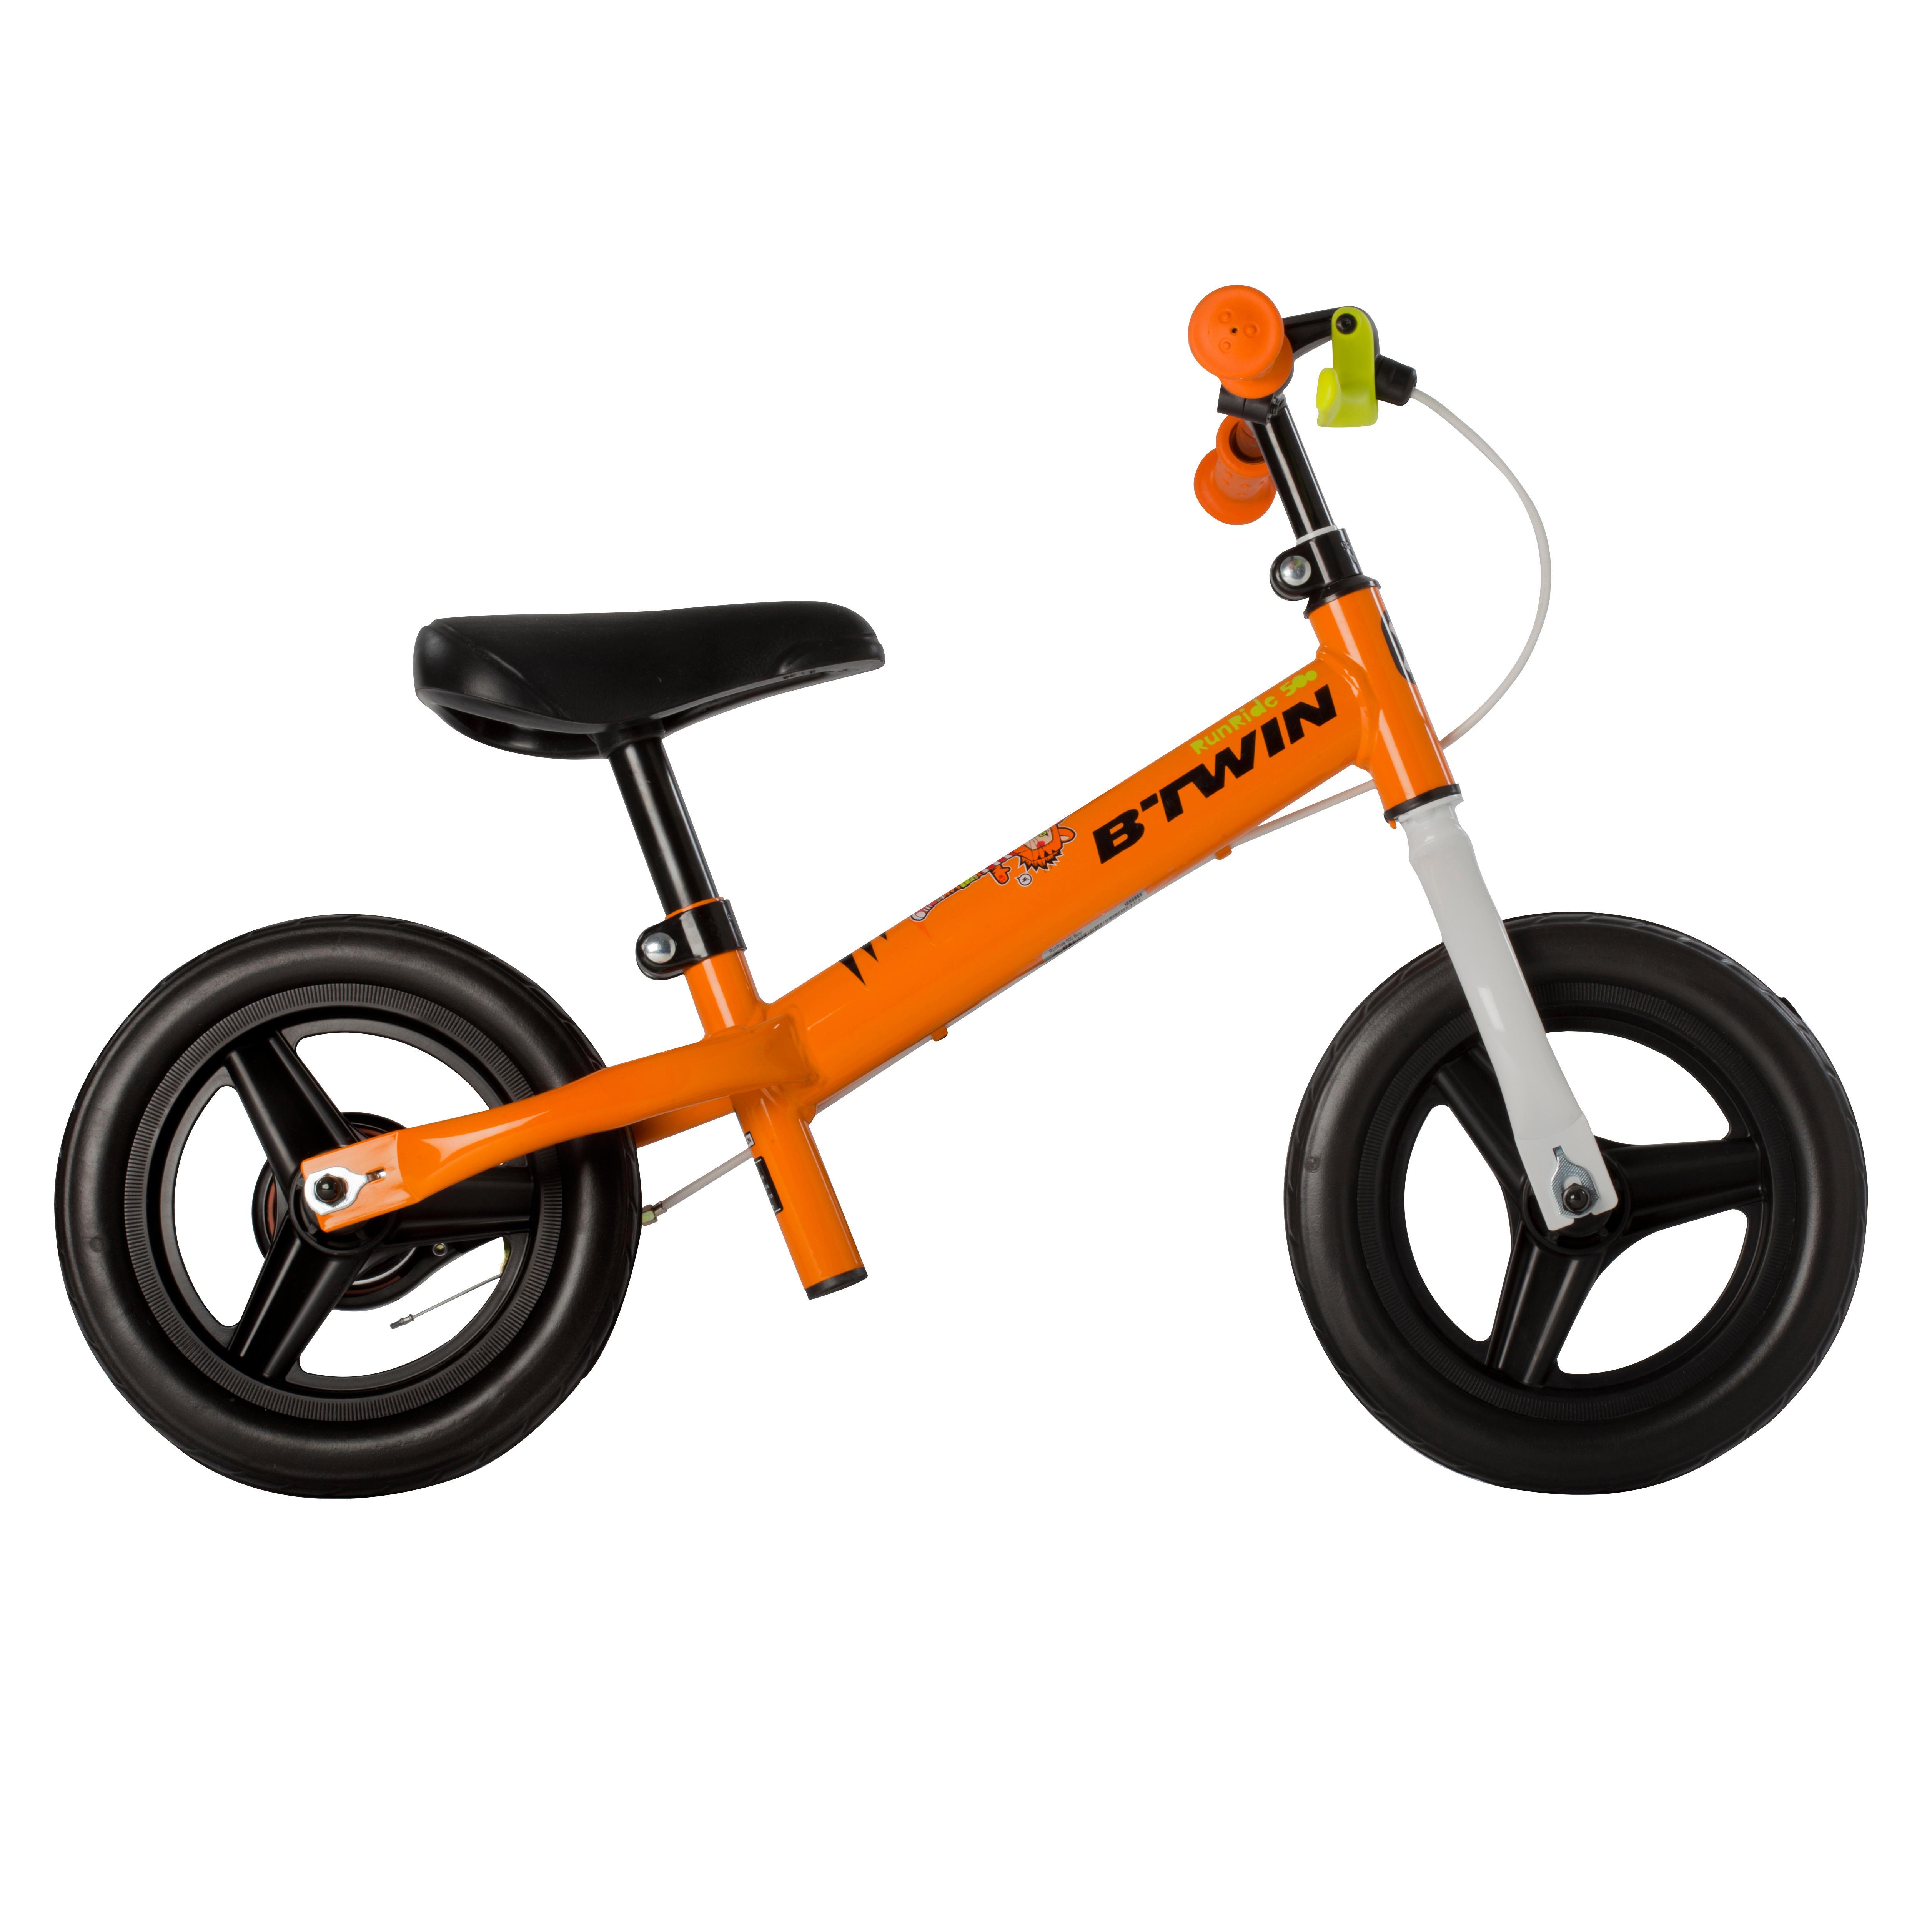 Bicicletă RUNRIDE 500